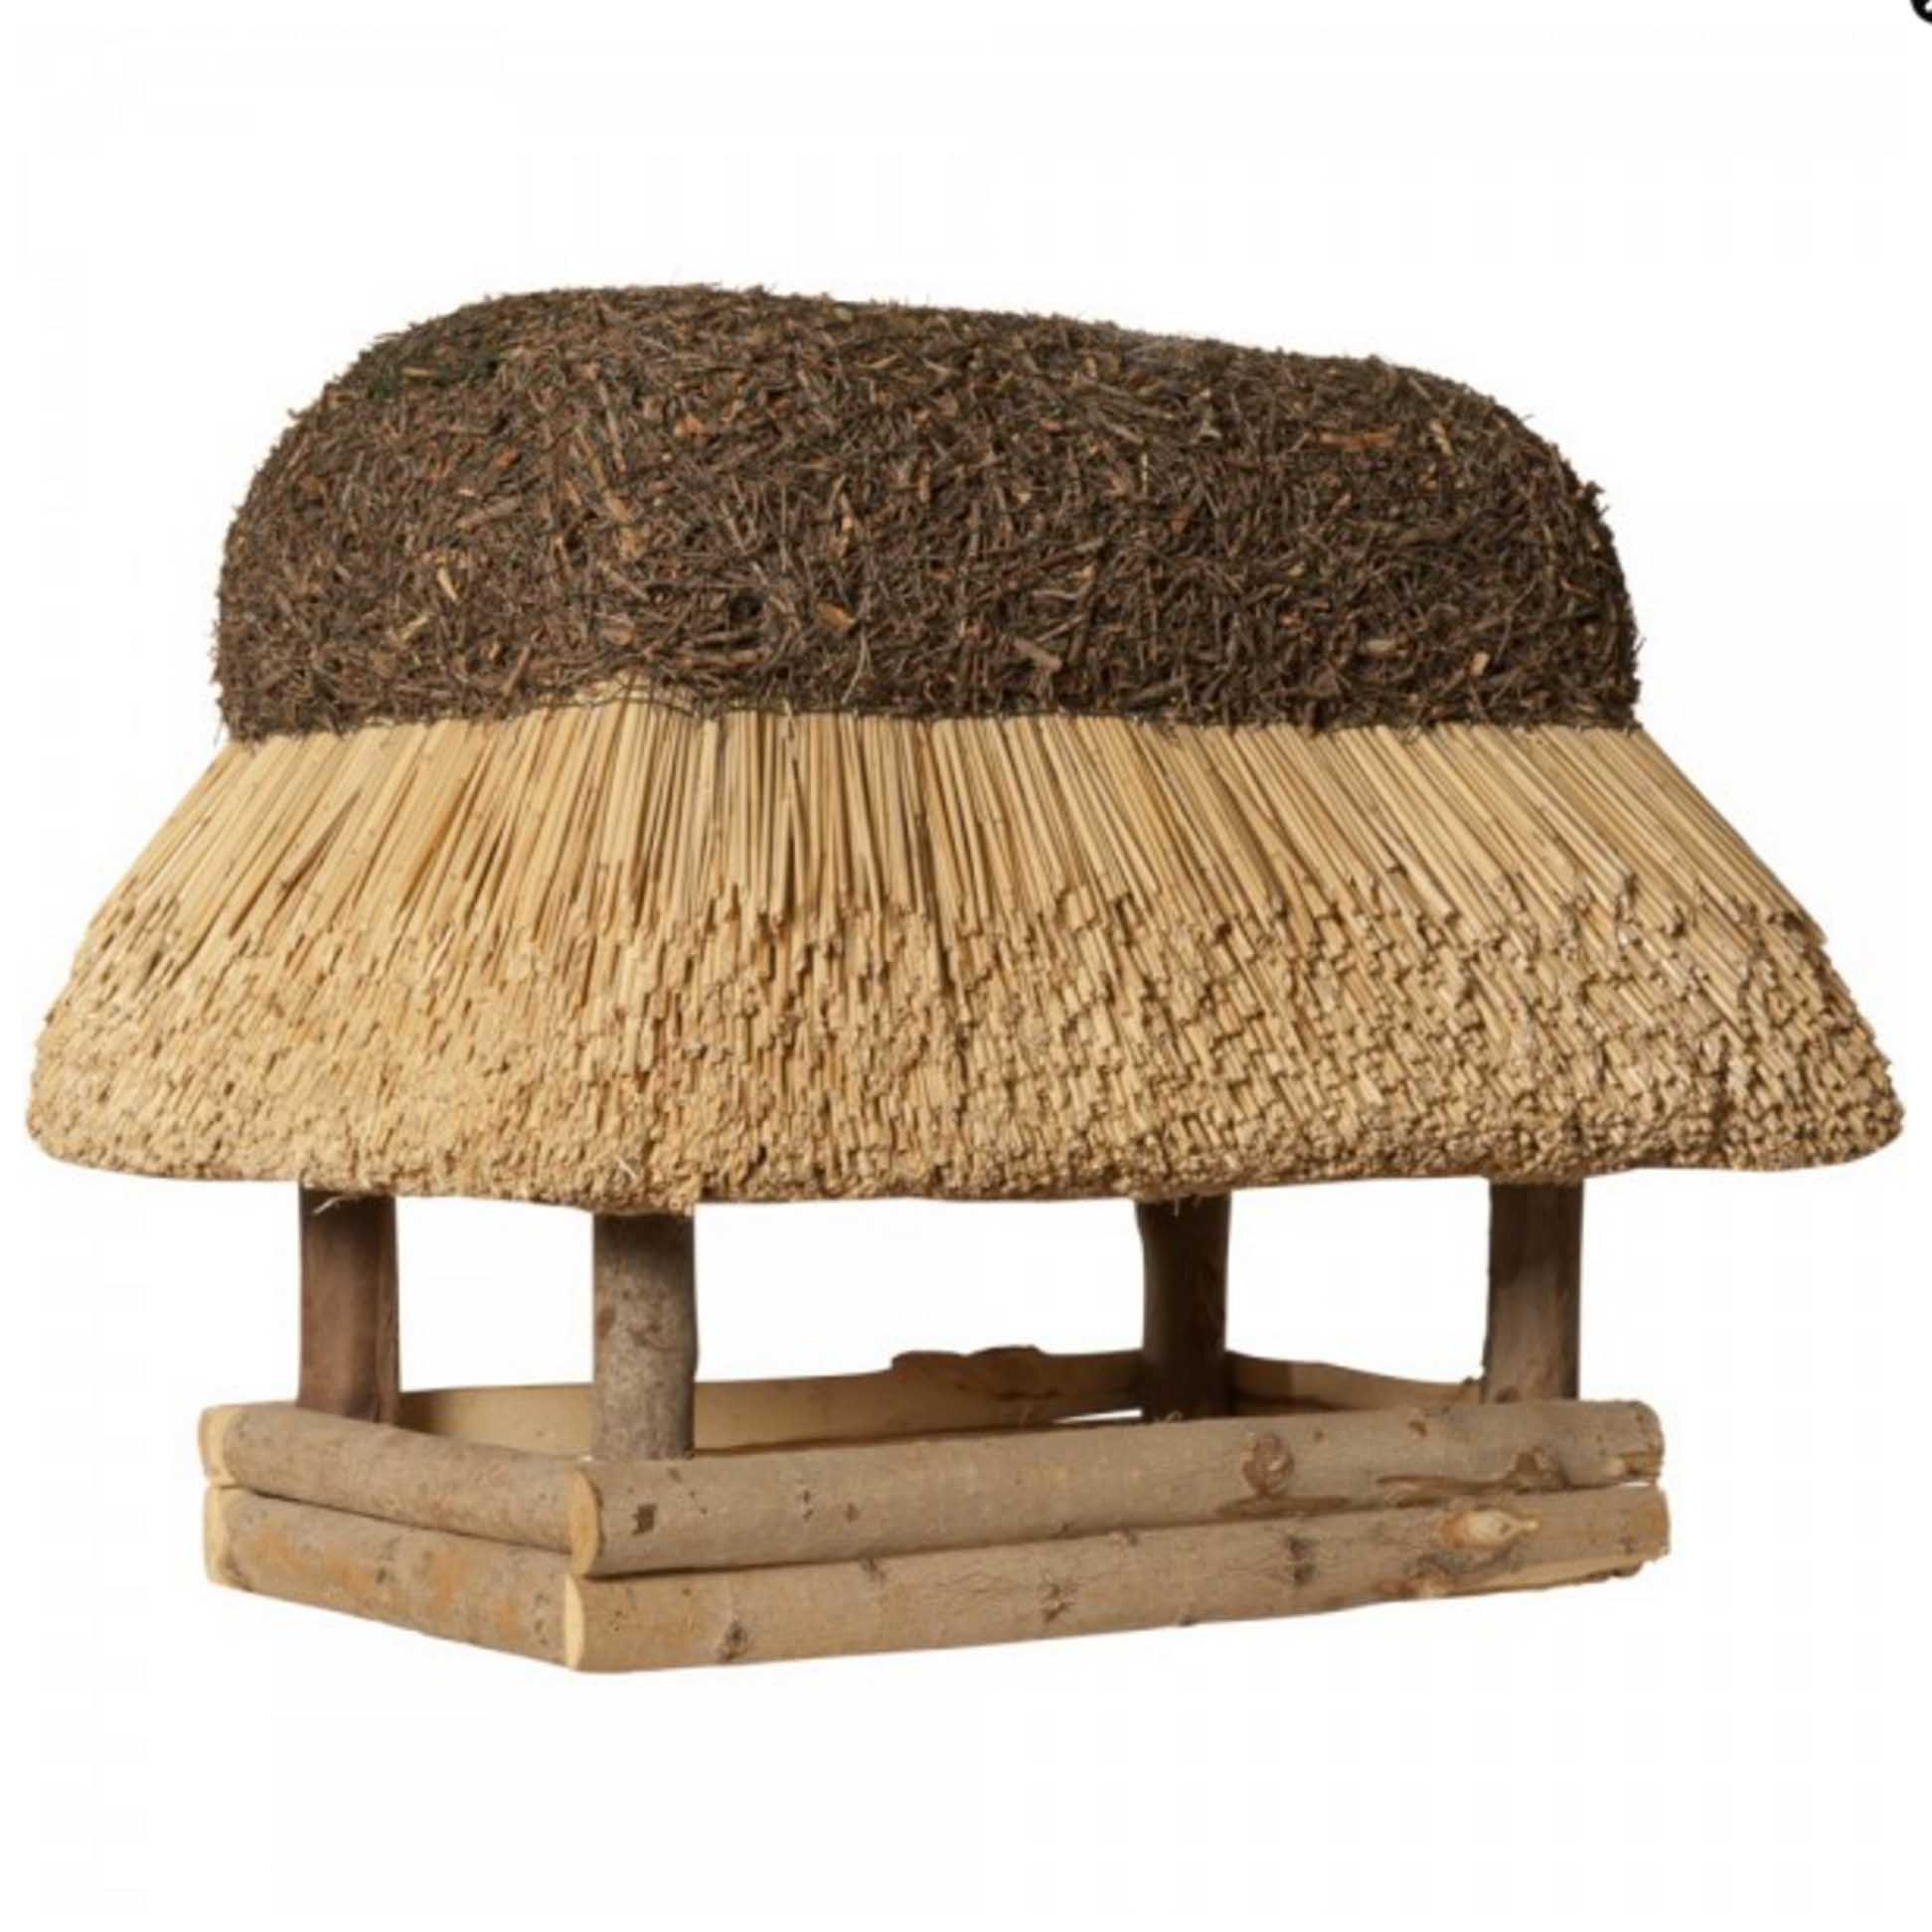 vogelhaus mit reetdach xxl eckig reetdachdecker junker. Black Bedroom Furniture Sets. Home Design Ideas